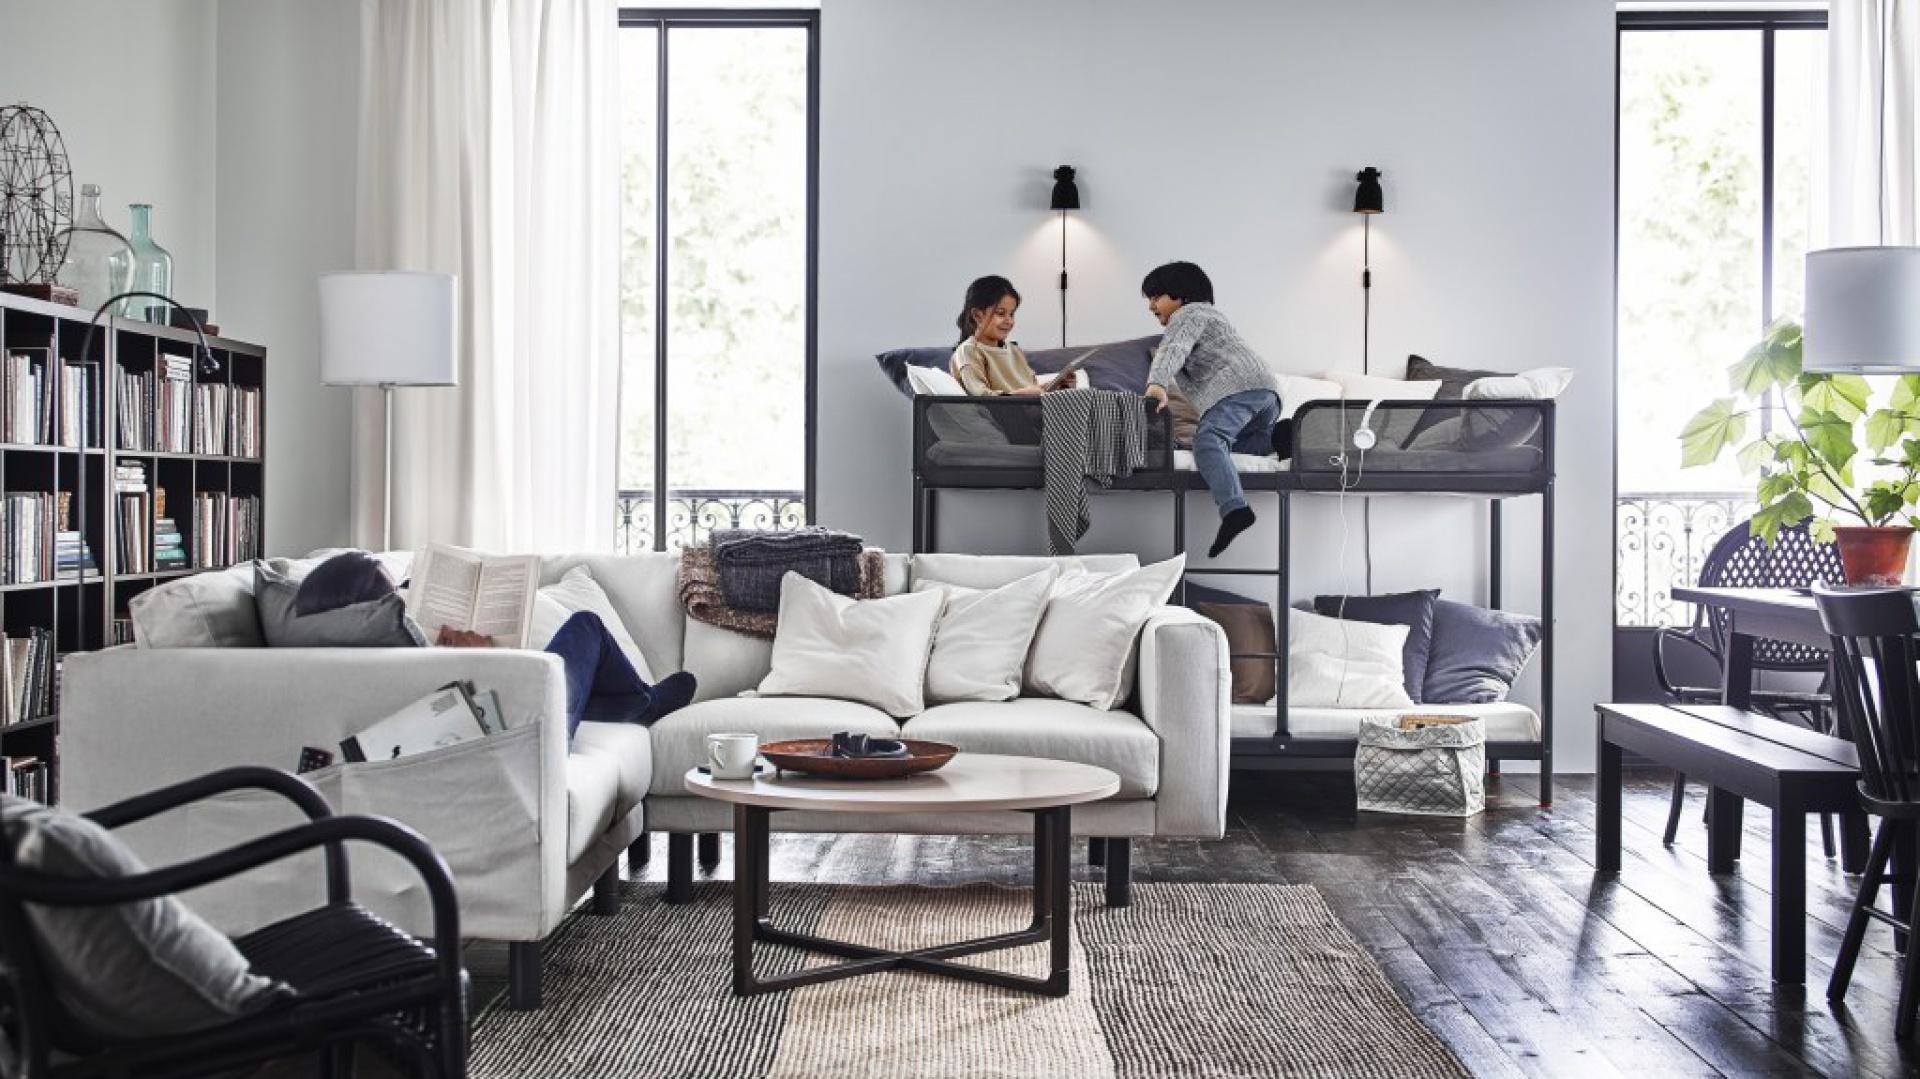 Sofa narożna NORSBORG, stolik RISSNA wykonany z drewna, lakierowany bezbarwnie. 3.798 zł, 399 zł. Fot. IKEA